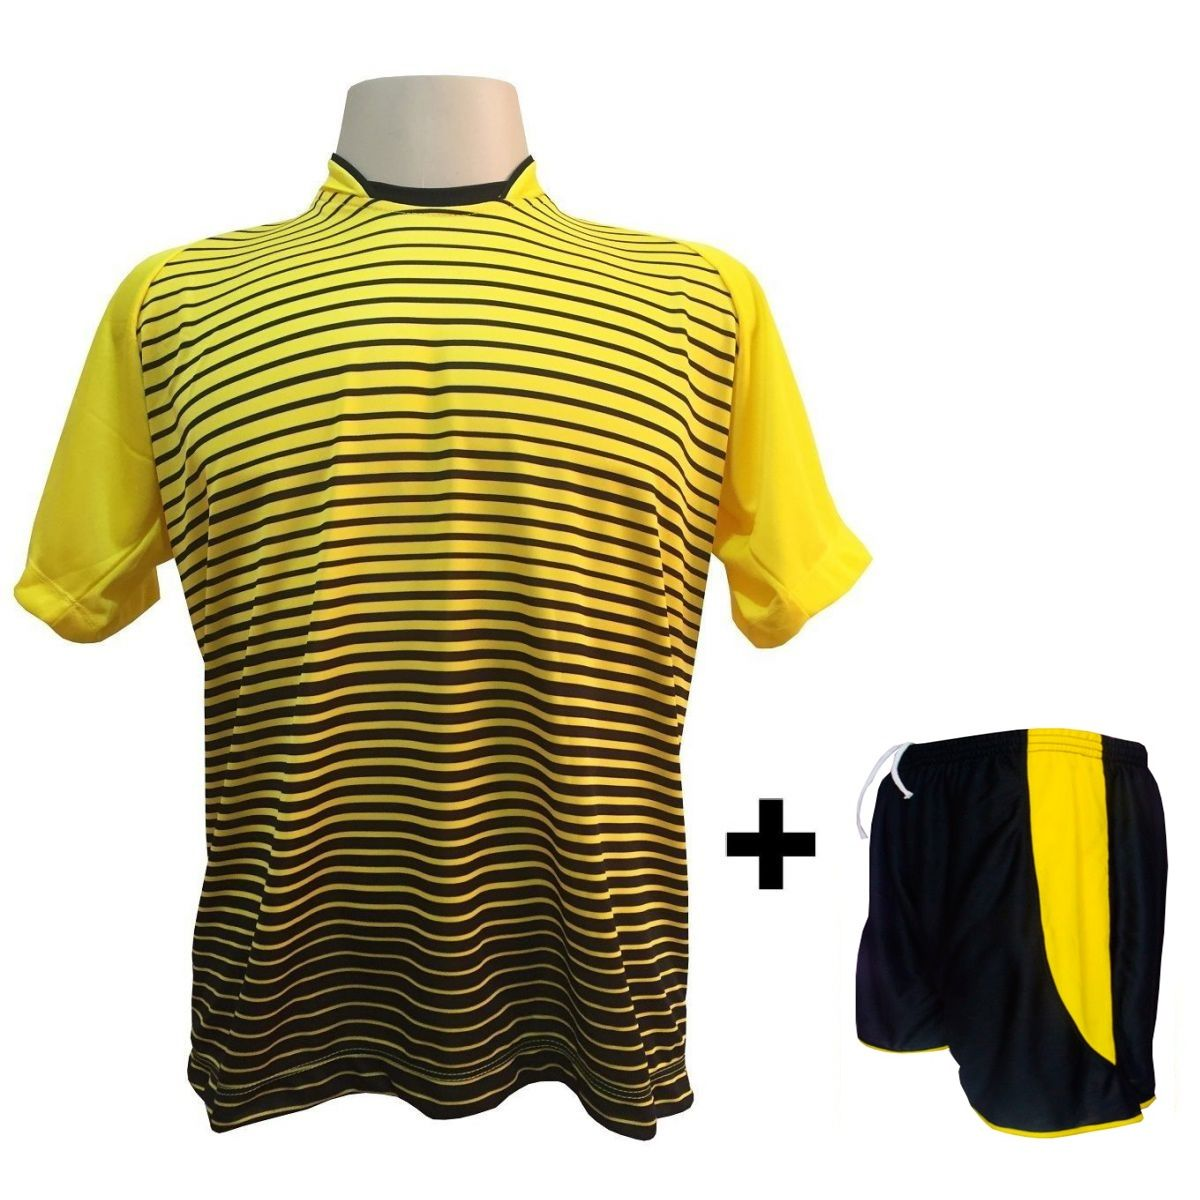 Uniforme Esportivo com 18 camisas modelo City Amarelo/Preto + 18 calções modelo Copa Preto/Amarelo + Brindes